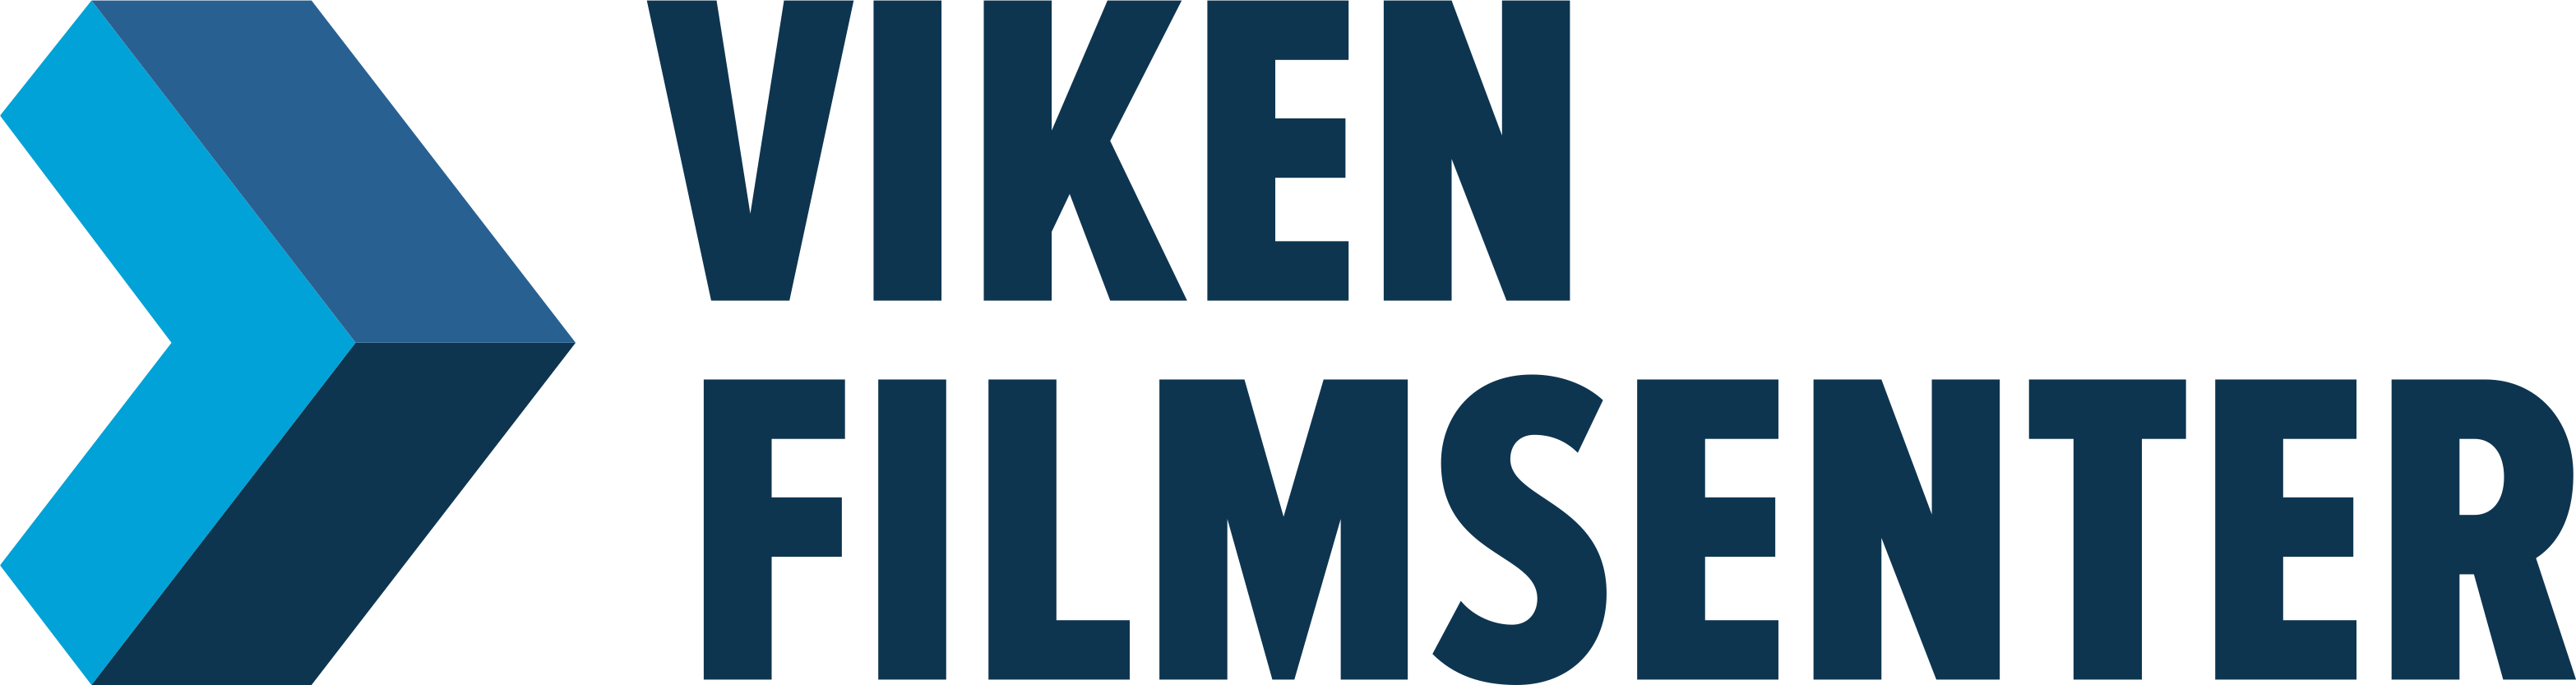 Viken Filmsenter